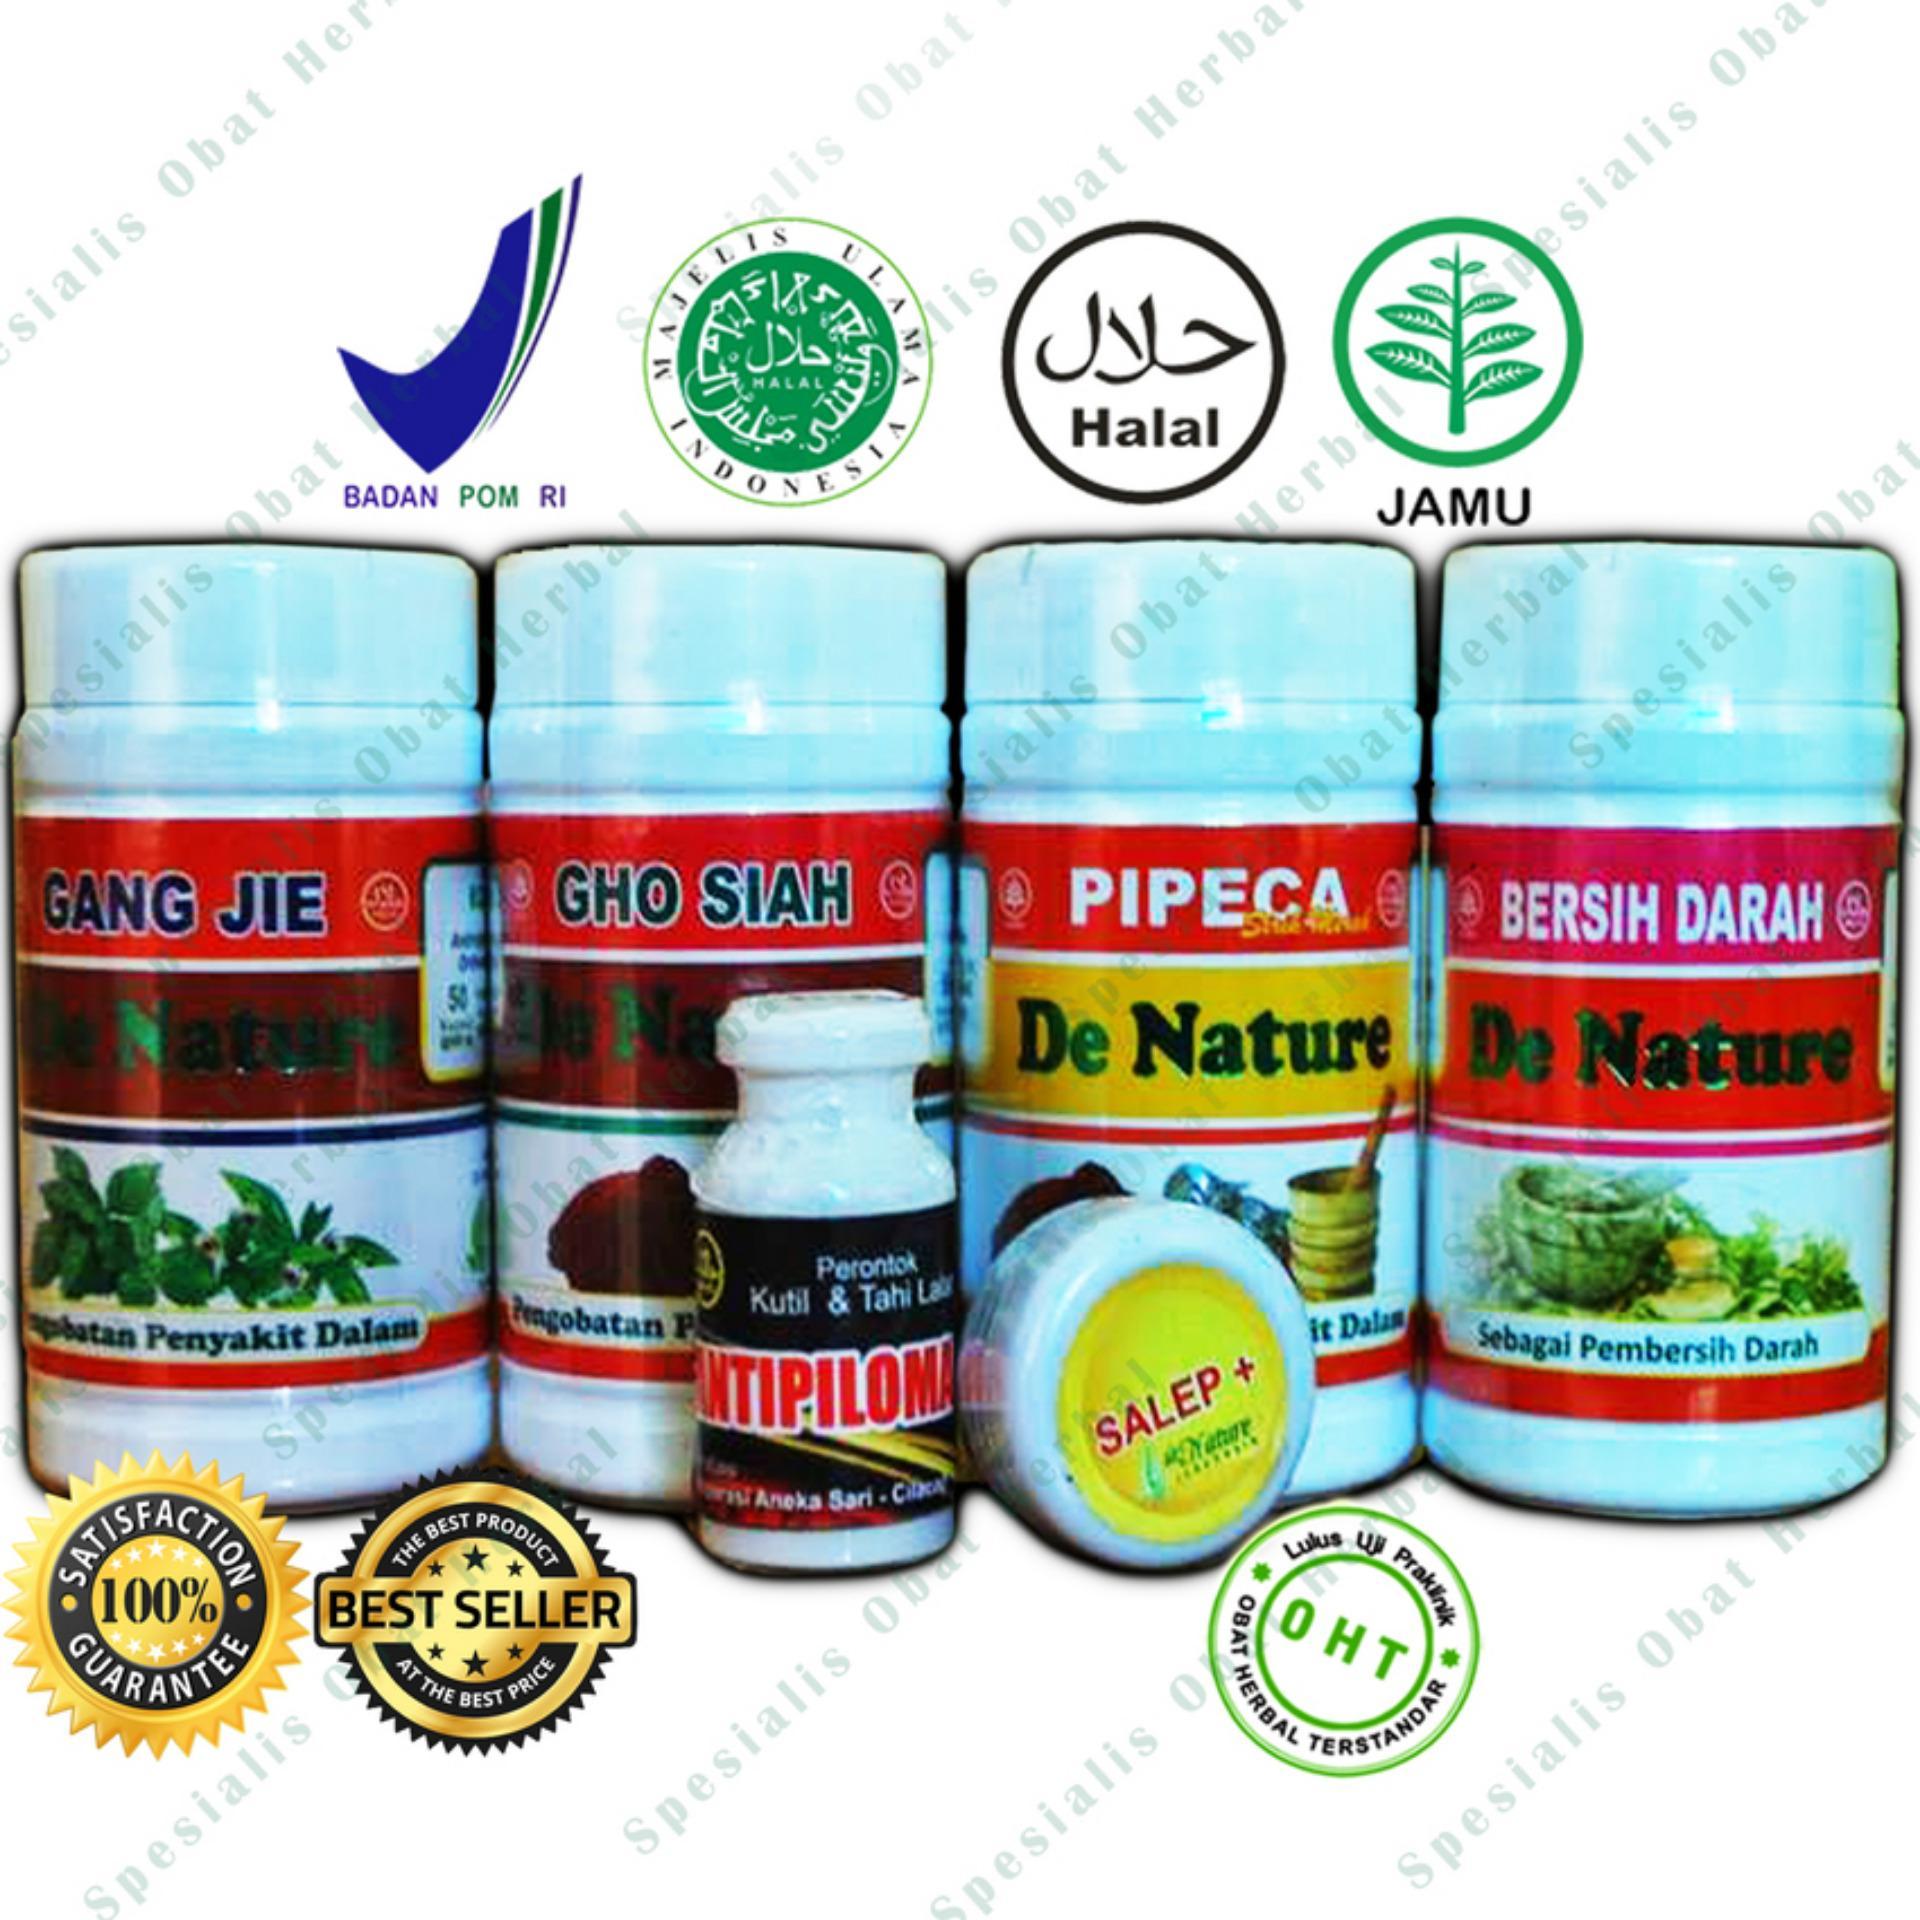 Harga Jual Obat Salep Untuk Kutil Kelamin De Nature Rp 950000 P Buat